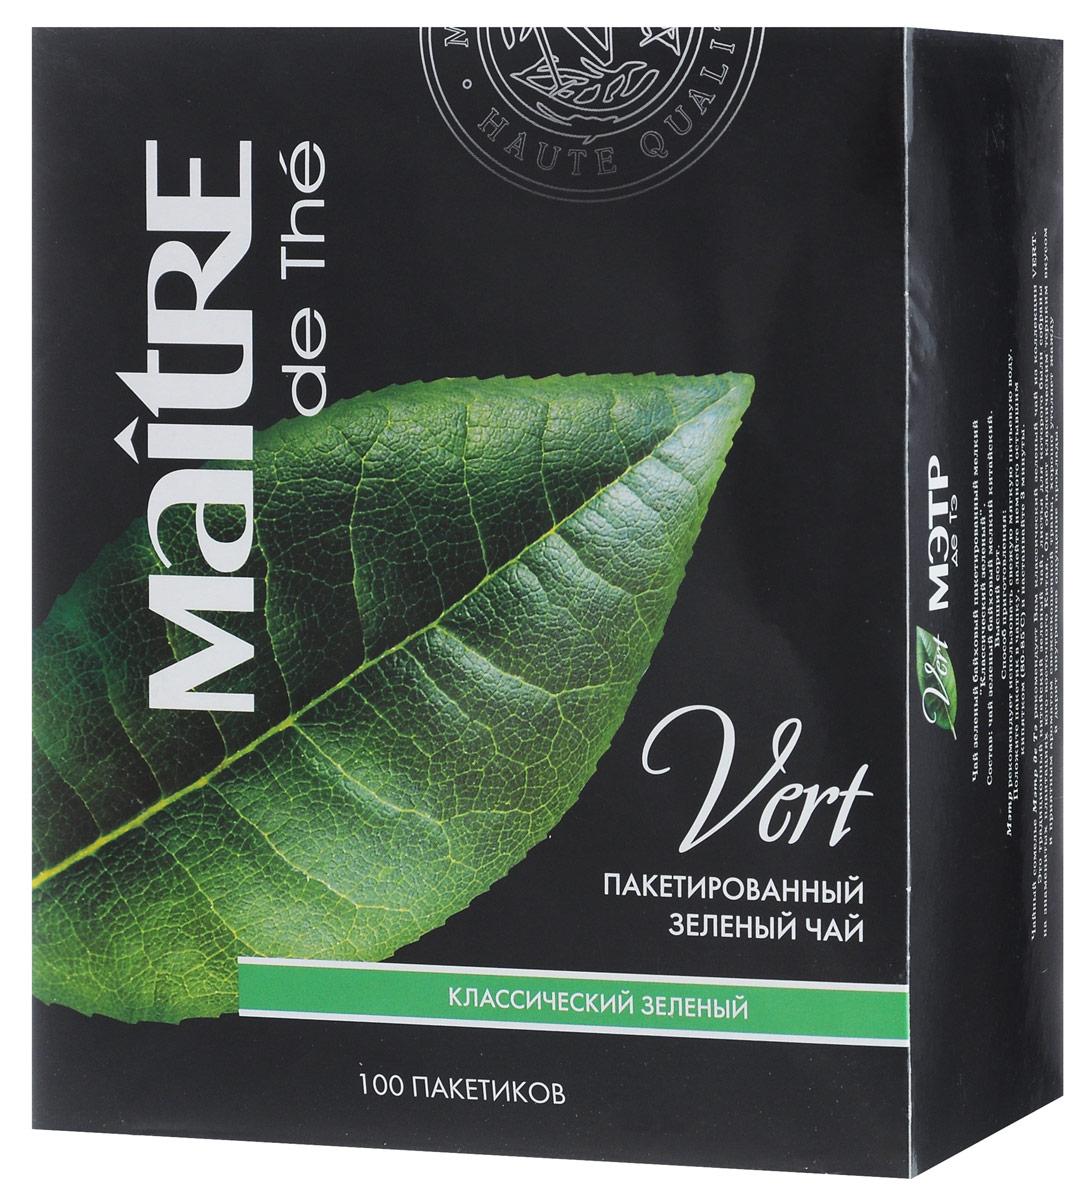 где купить Maitre Классический зеленый байховый чай в пакетиках, 100 шт по лучшей цене